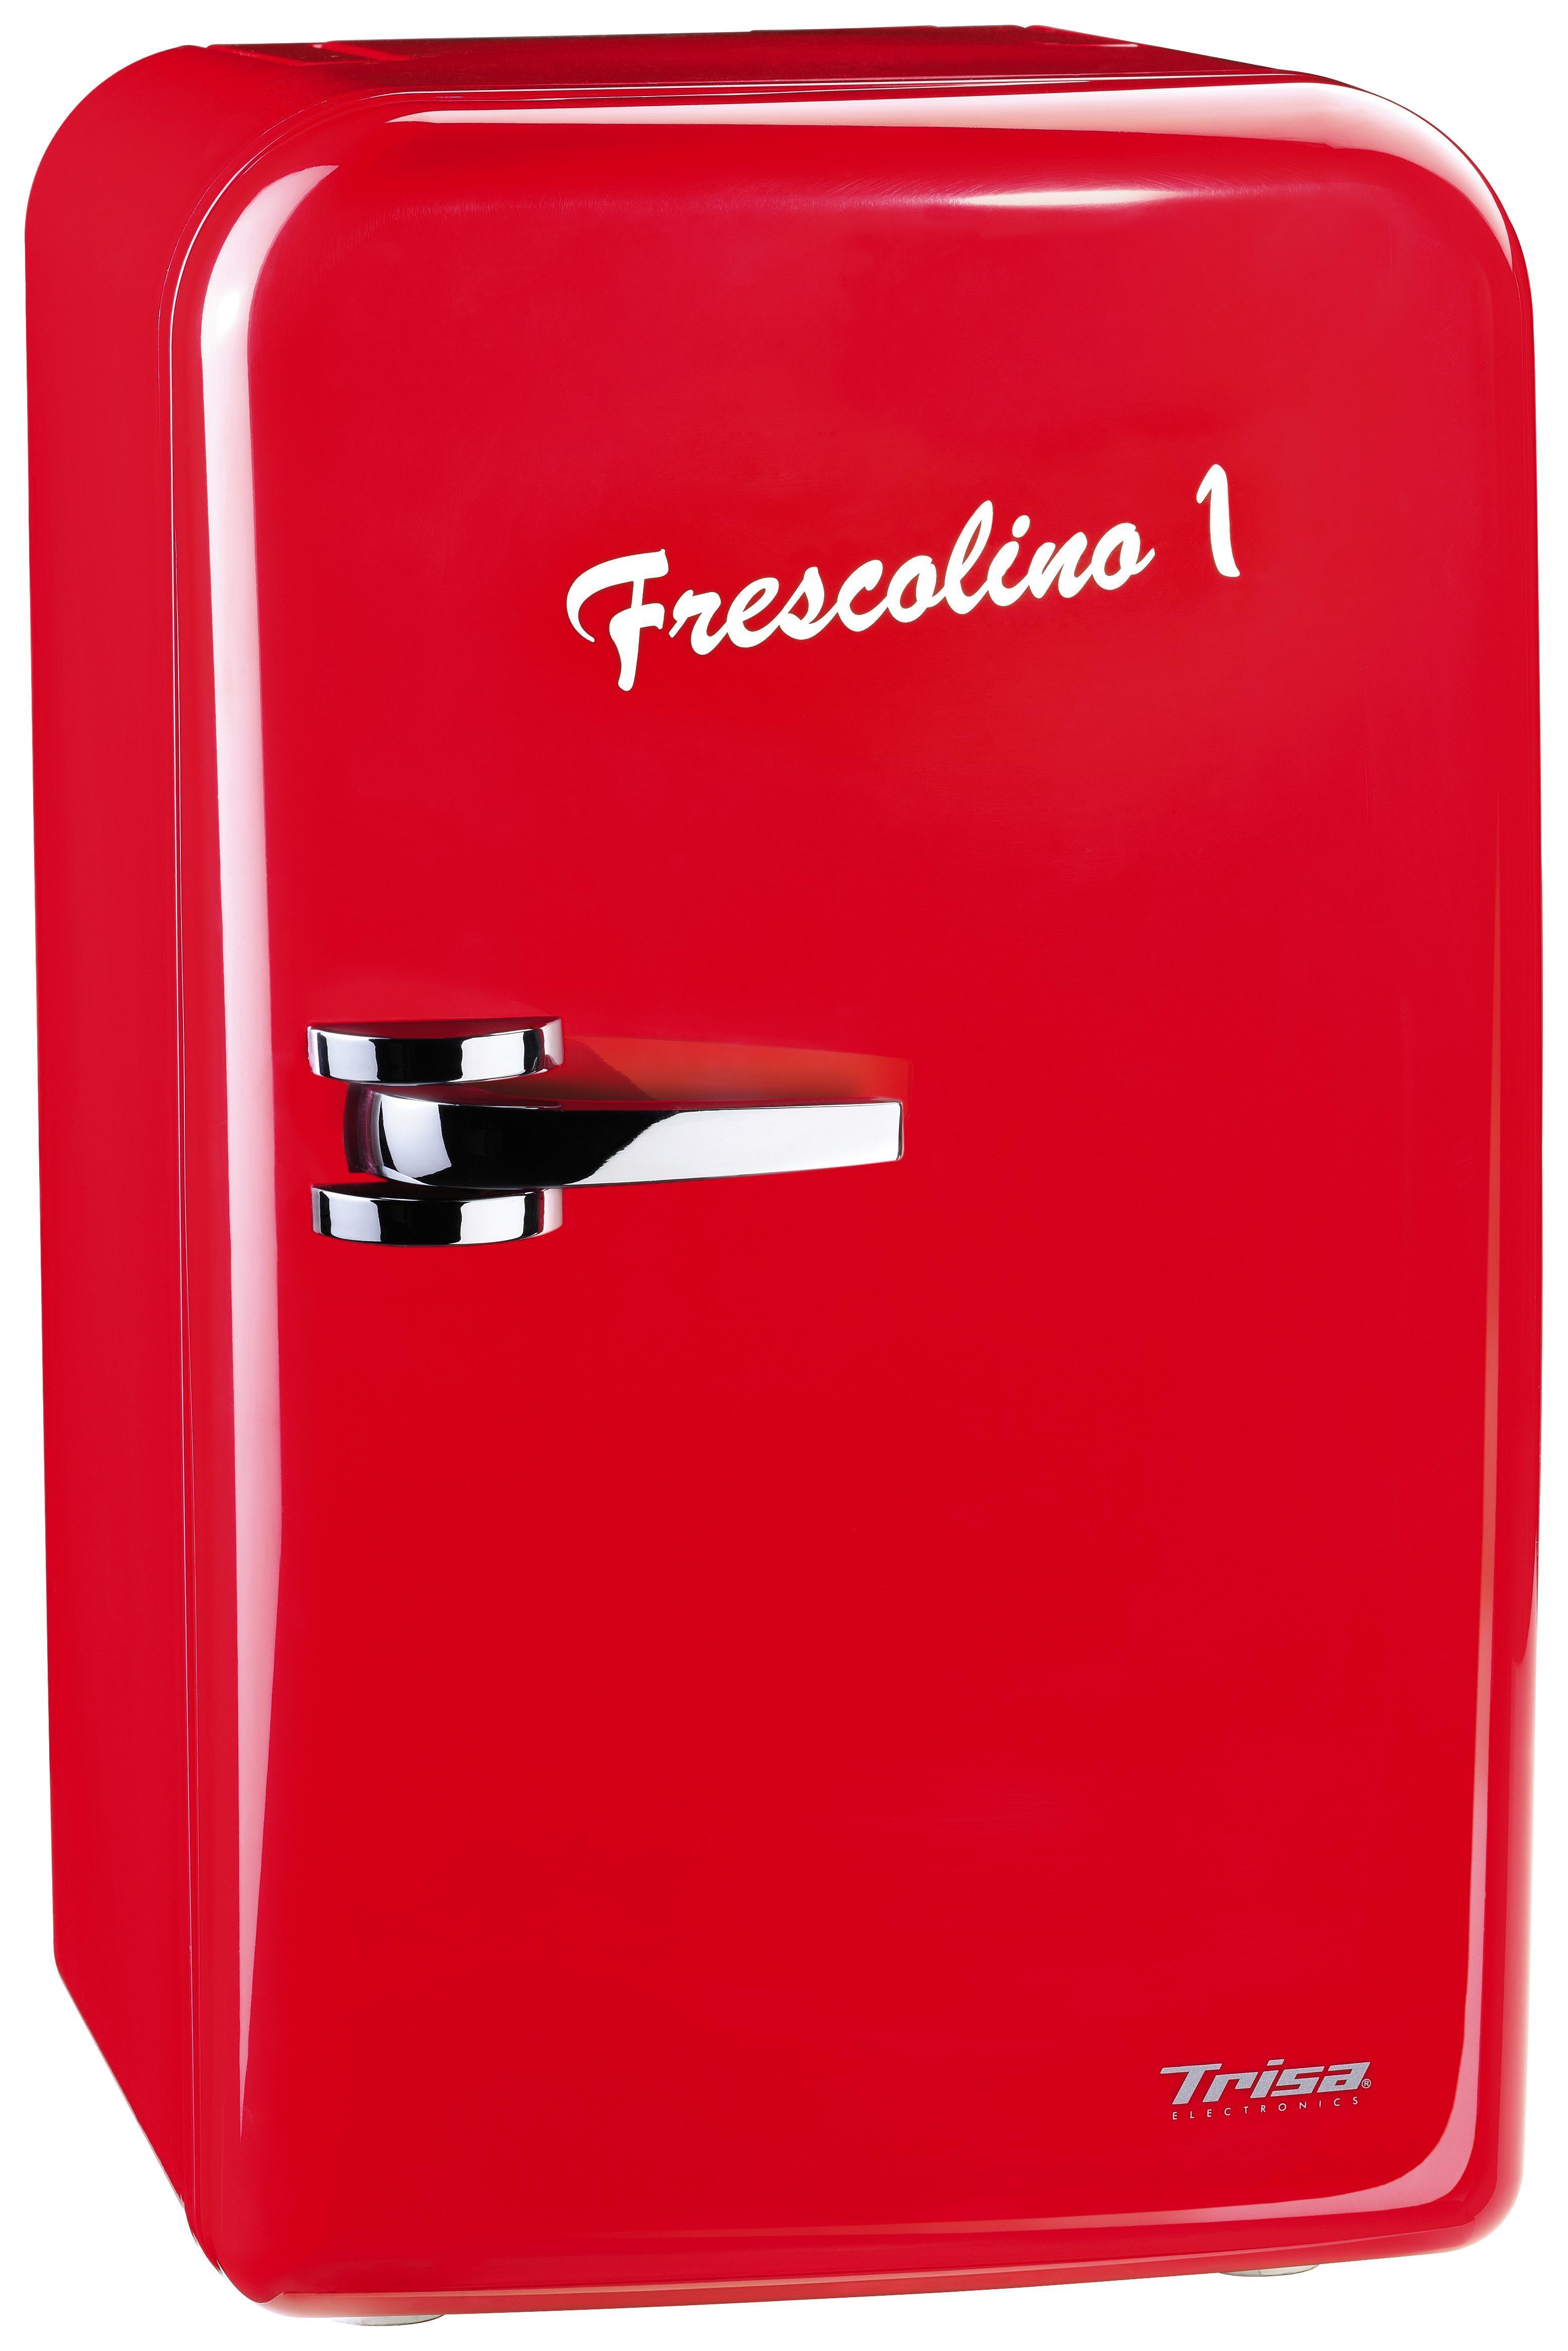 Mini Kühlschrank Wohnzimmer : Wohnzimmer kühlschrank mini kühlschrank wohnzimmer ist haus